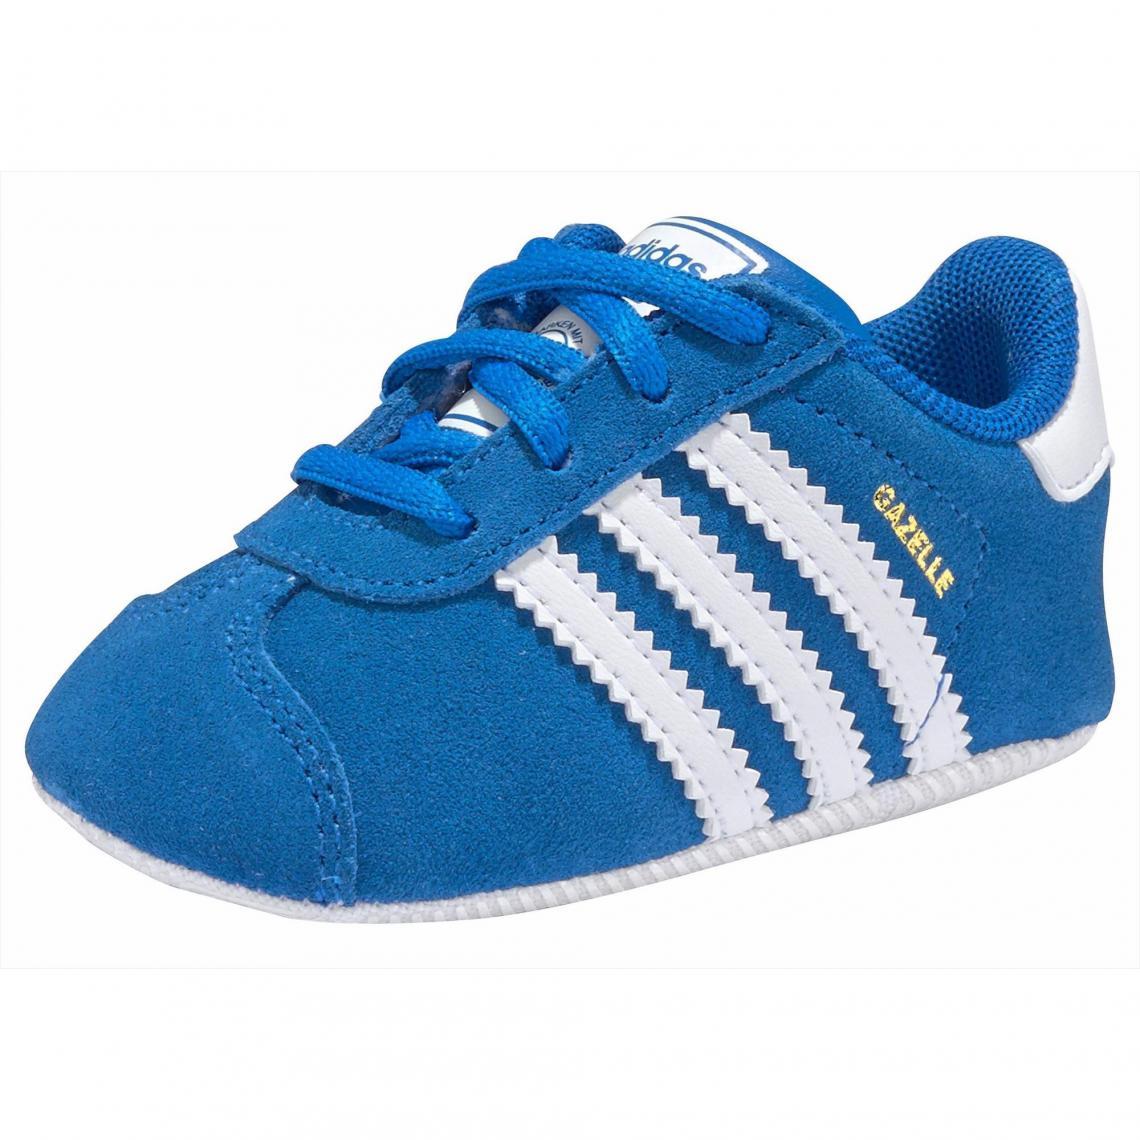 ea56e3983c407 Bébé Gazelle Premiers Adidas Chaussures Bleu Originals Grib Pas w8zFqqxp